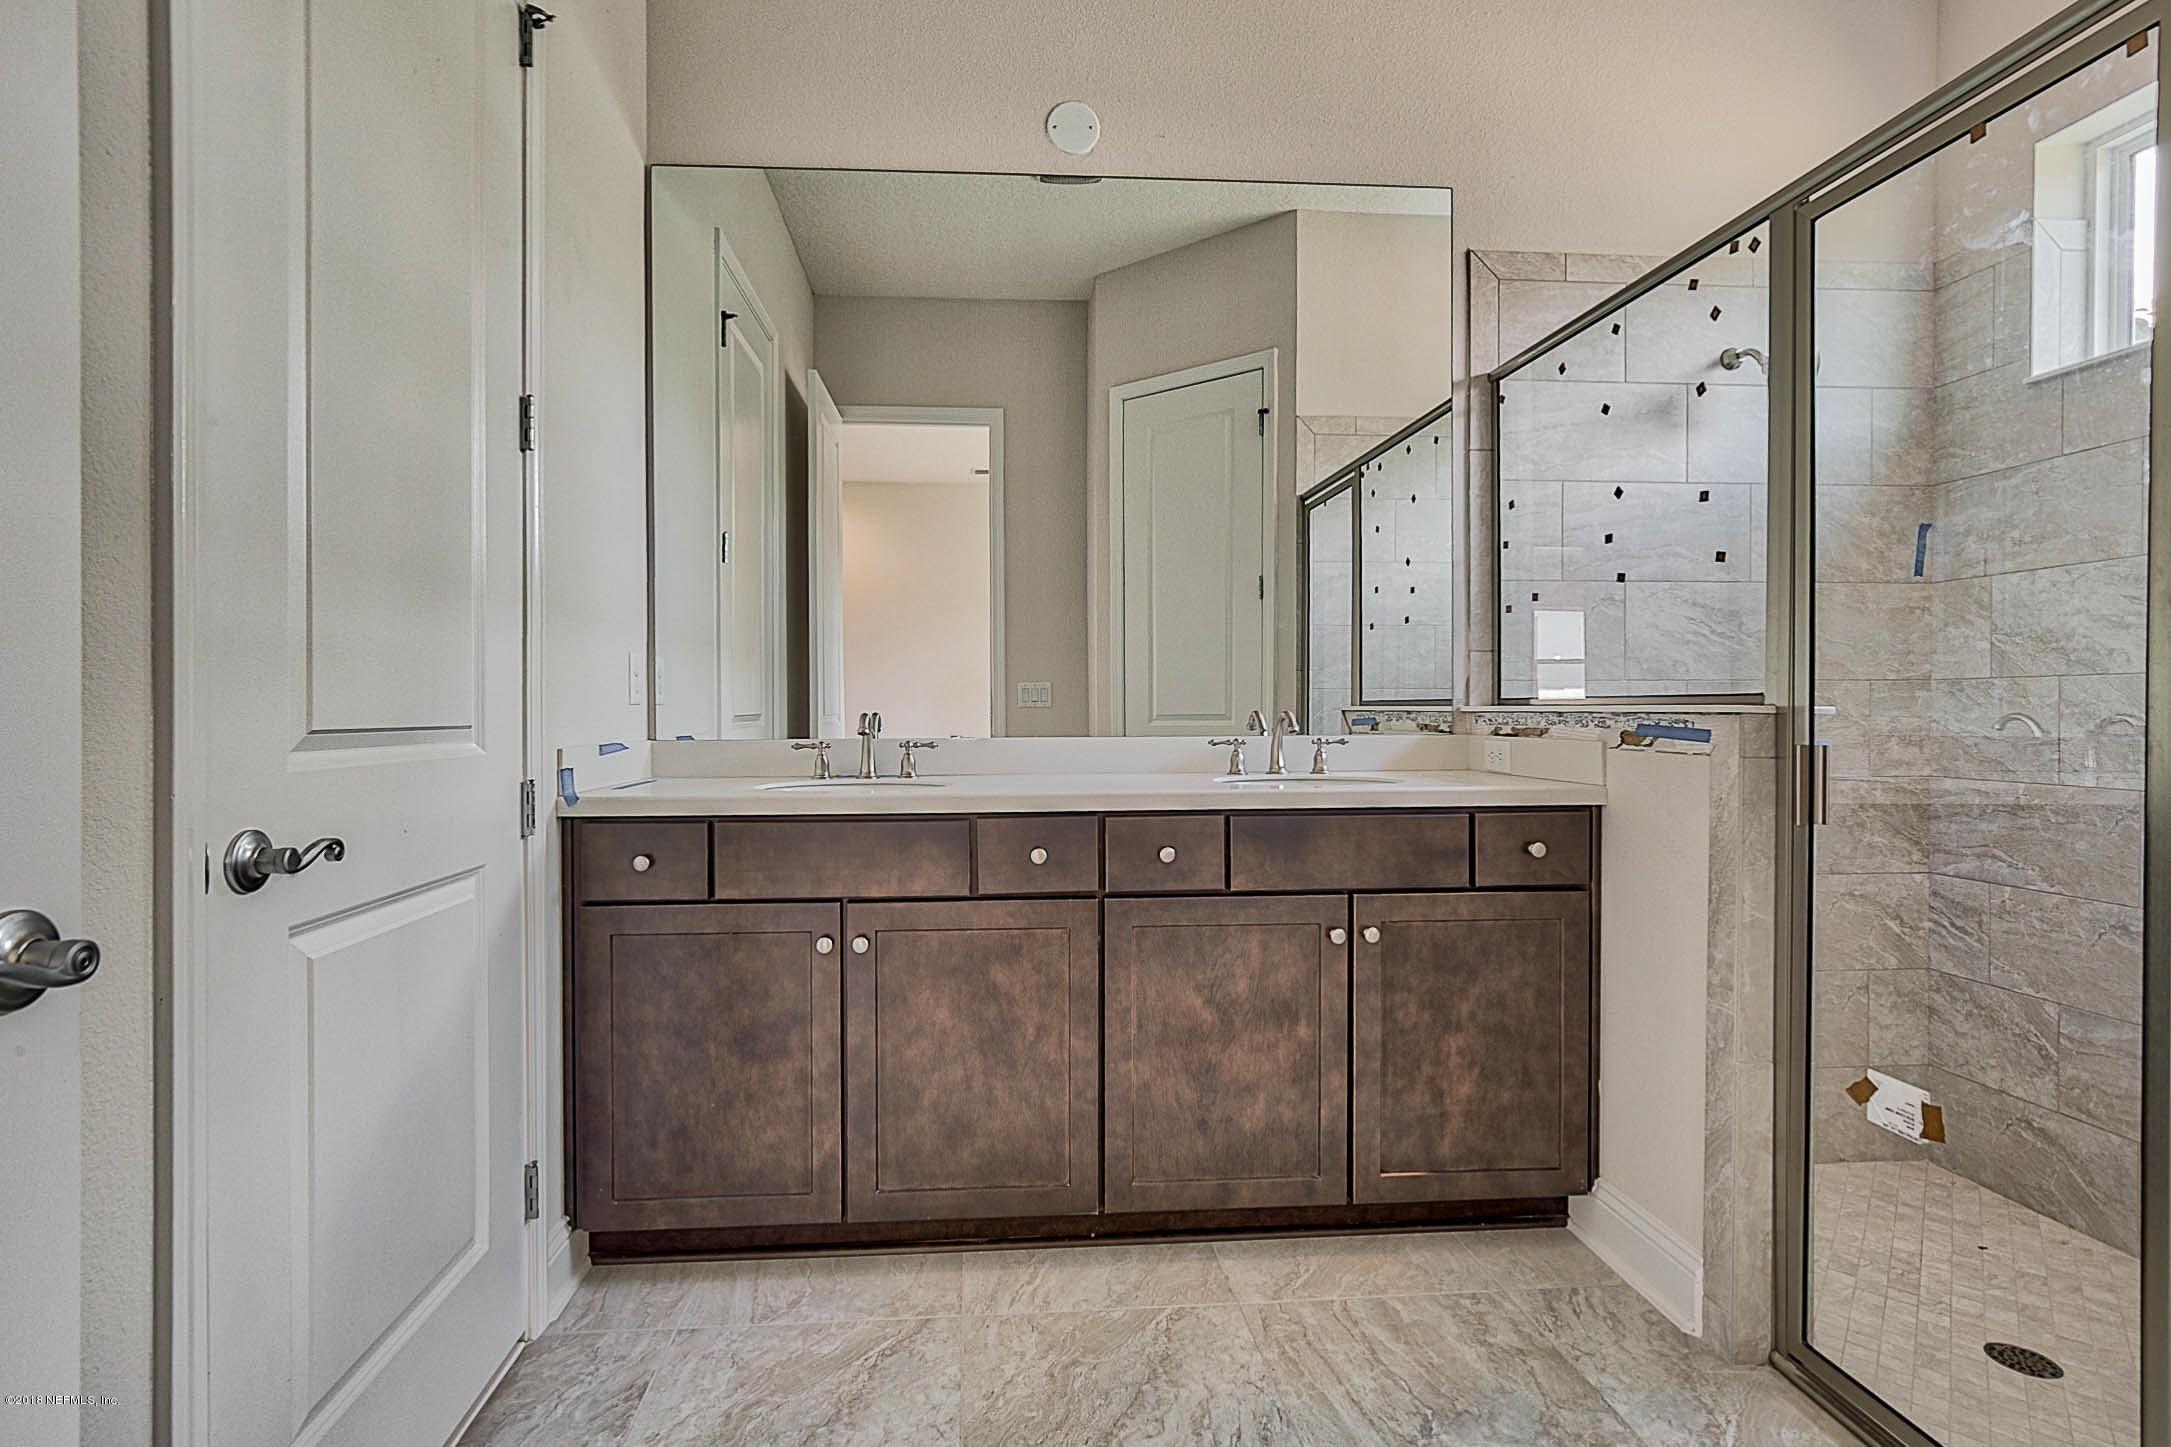 138 RIALTO, PONTE VEDRA, FLORIDA 32081, 3 Bedrooms Bedrooms, ,2 BathroomsBathrooms,Residential - single family,For sale,RIALTO,952263